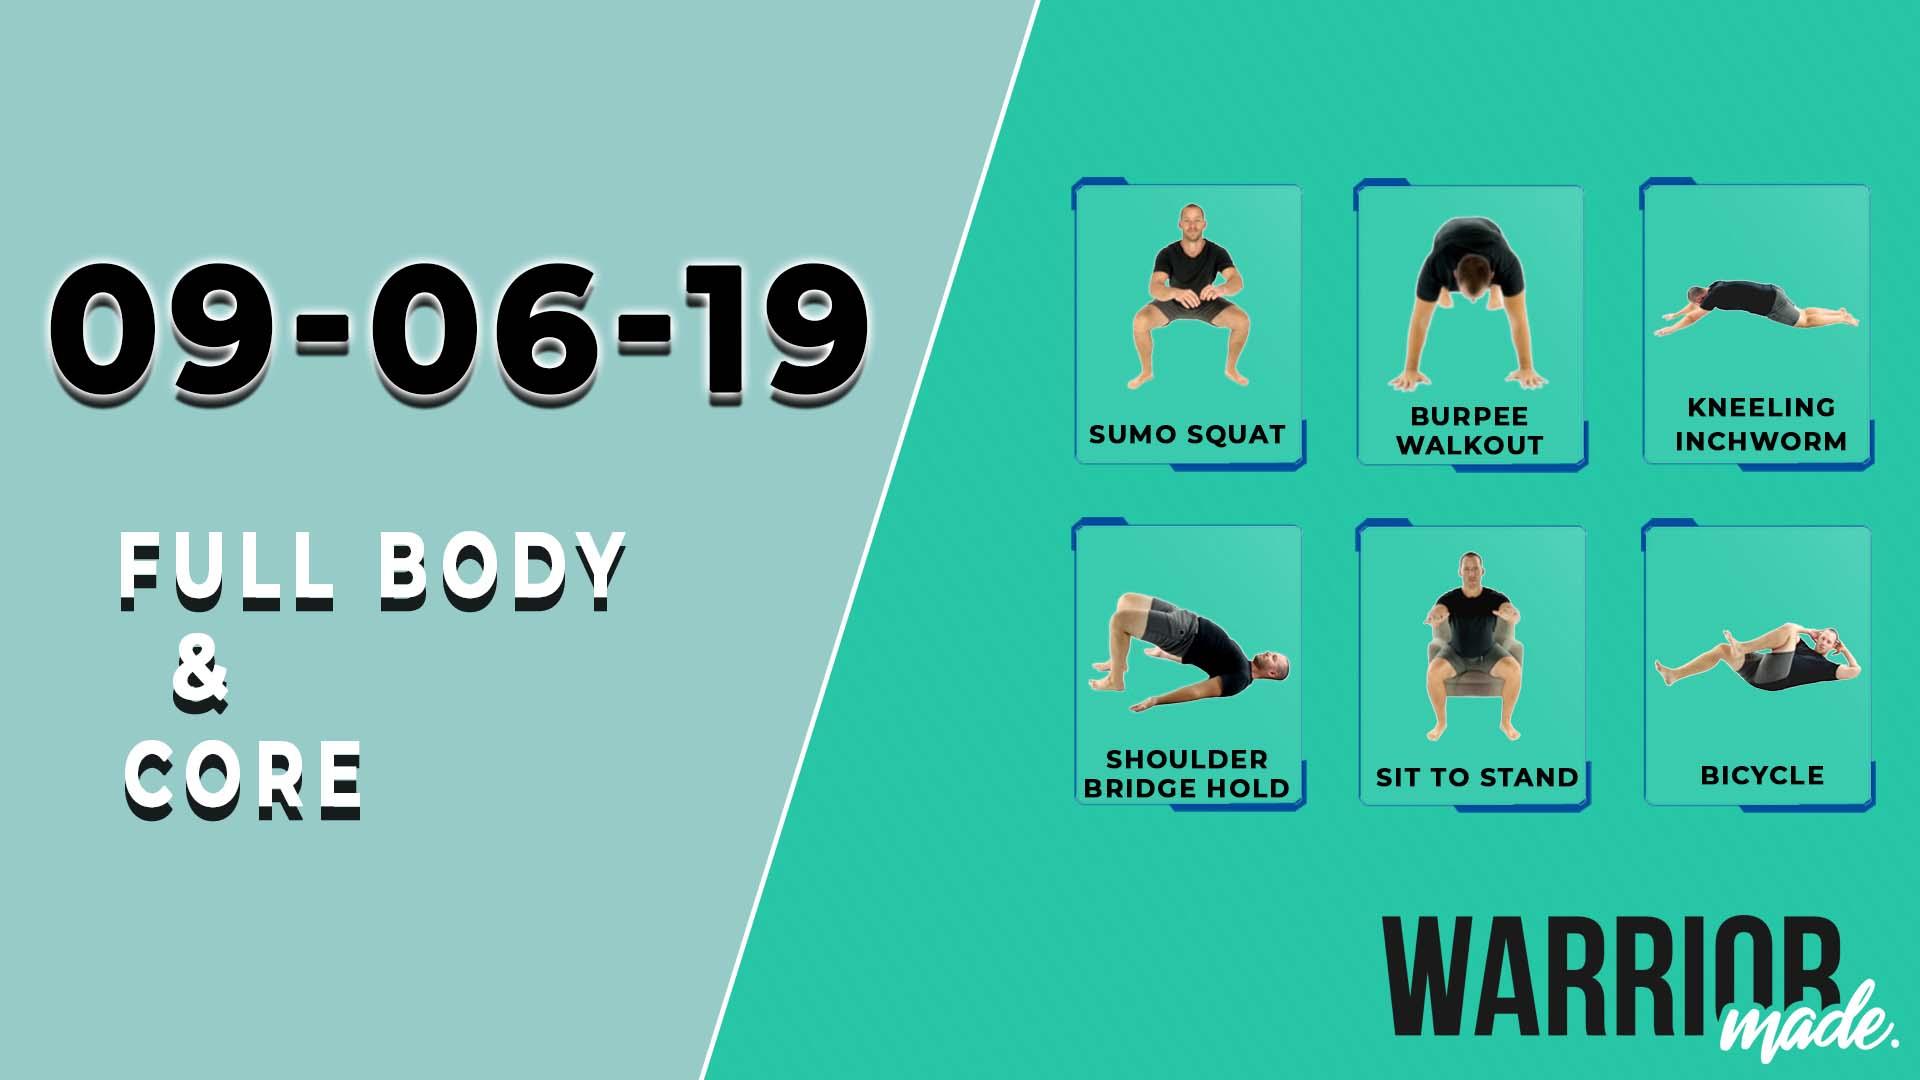 workouts-09-06-19